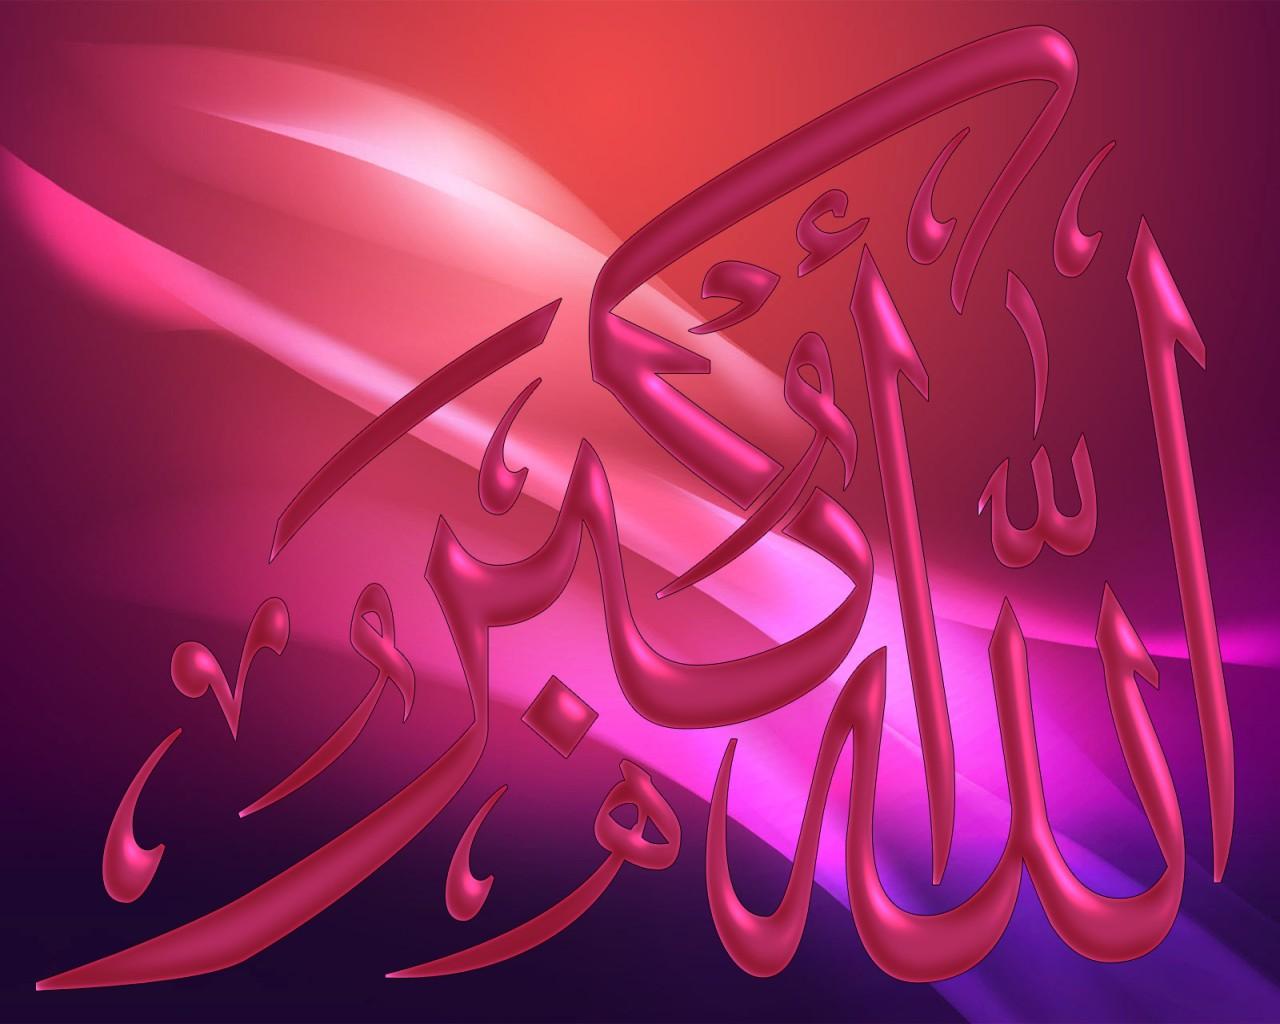 Allah O Akbar